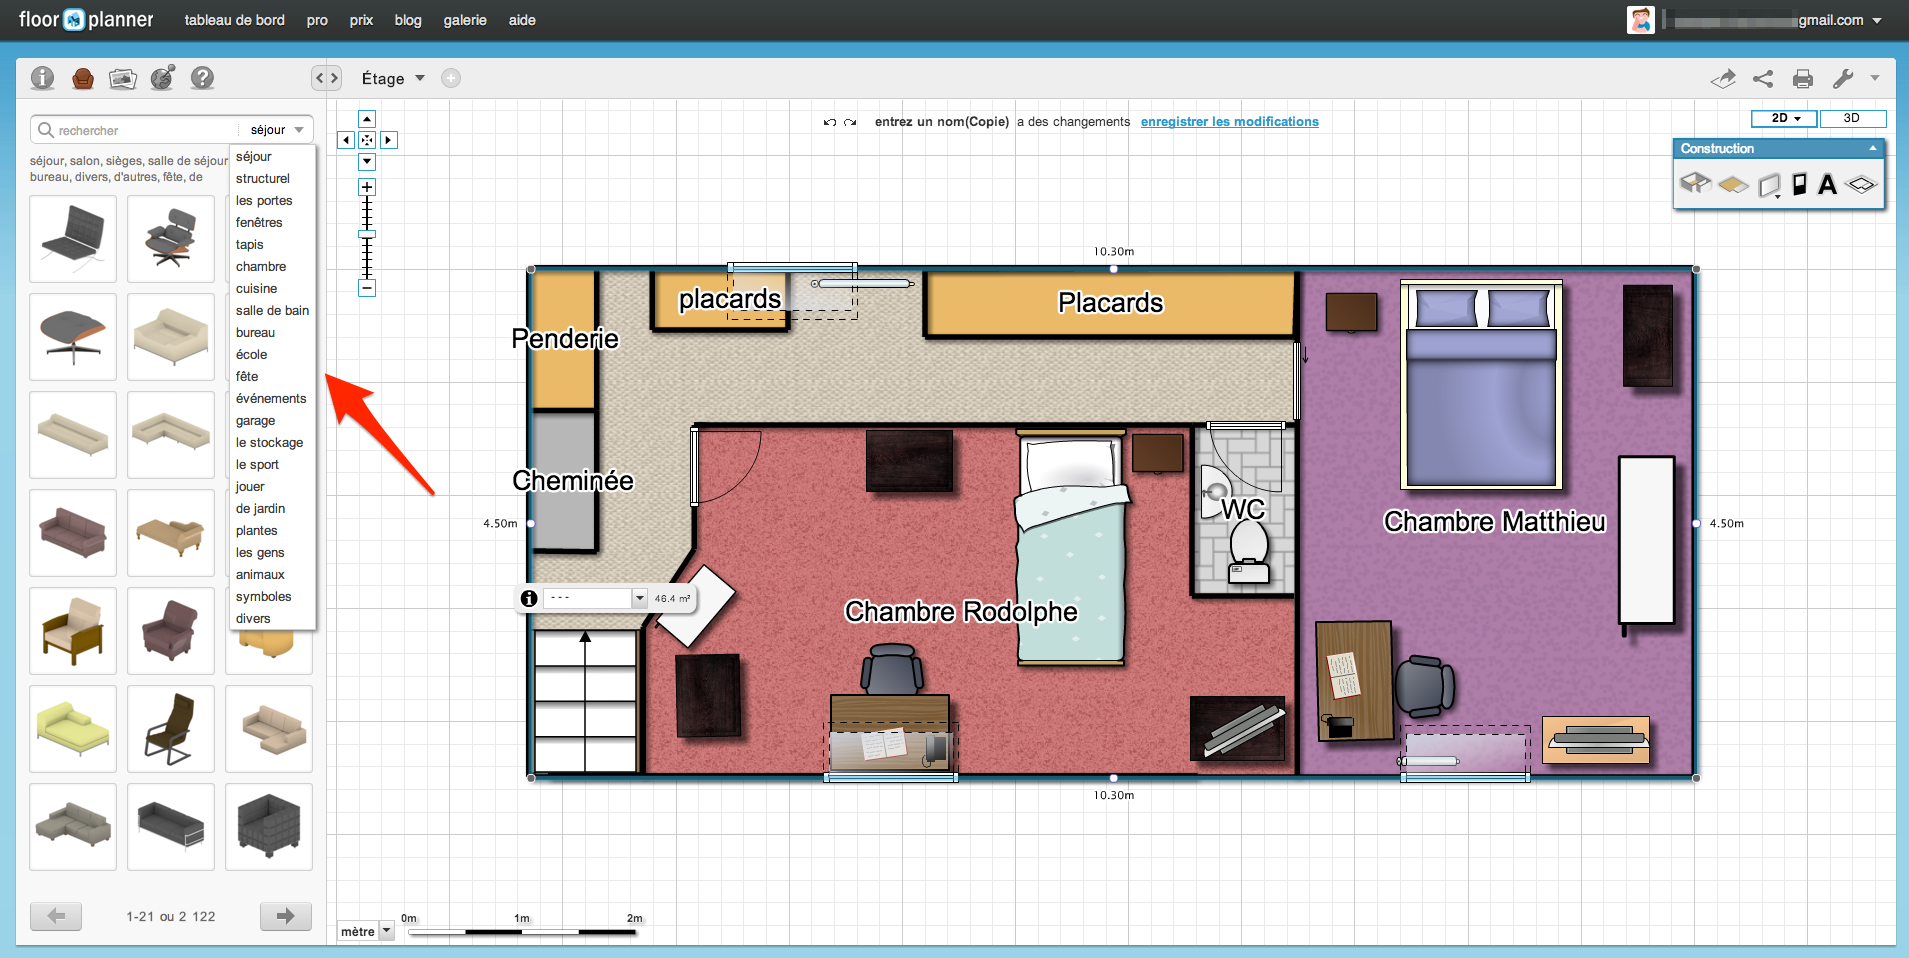 Floorplanner logiciel gratuit de conception et d am nagement int rieur unsimpleclic for Plan amenagement maison gratuit